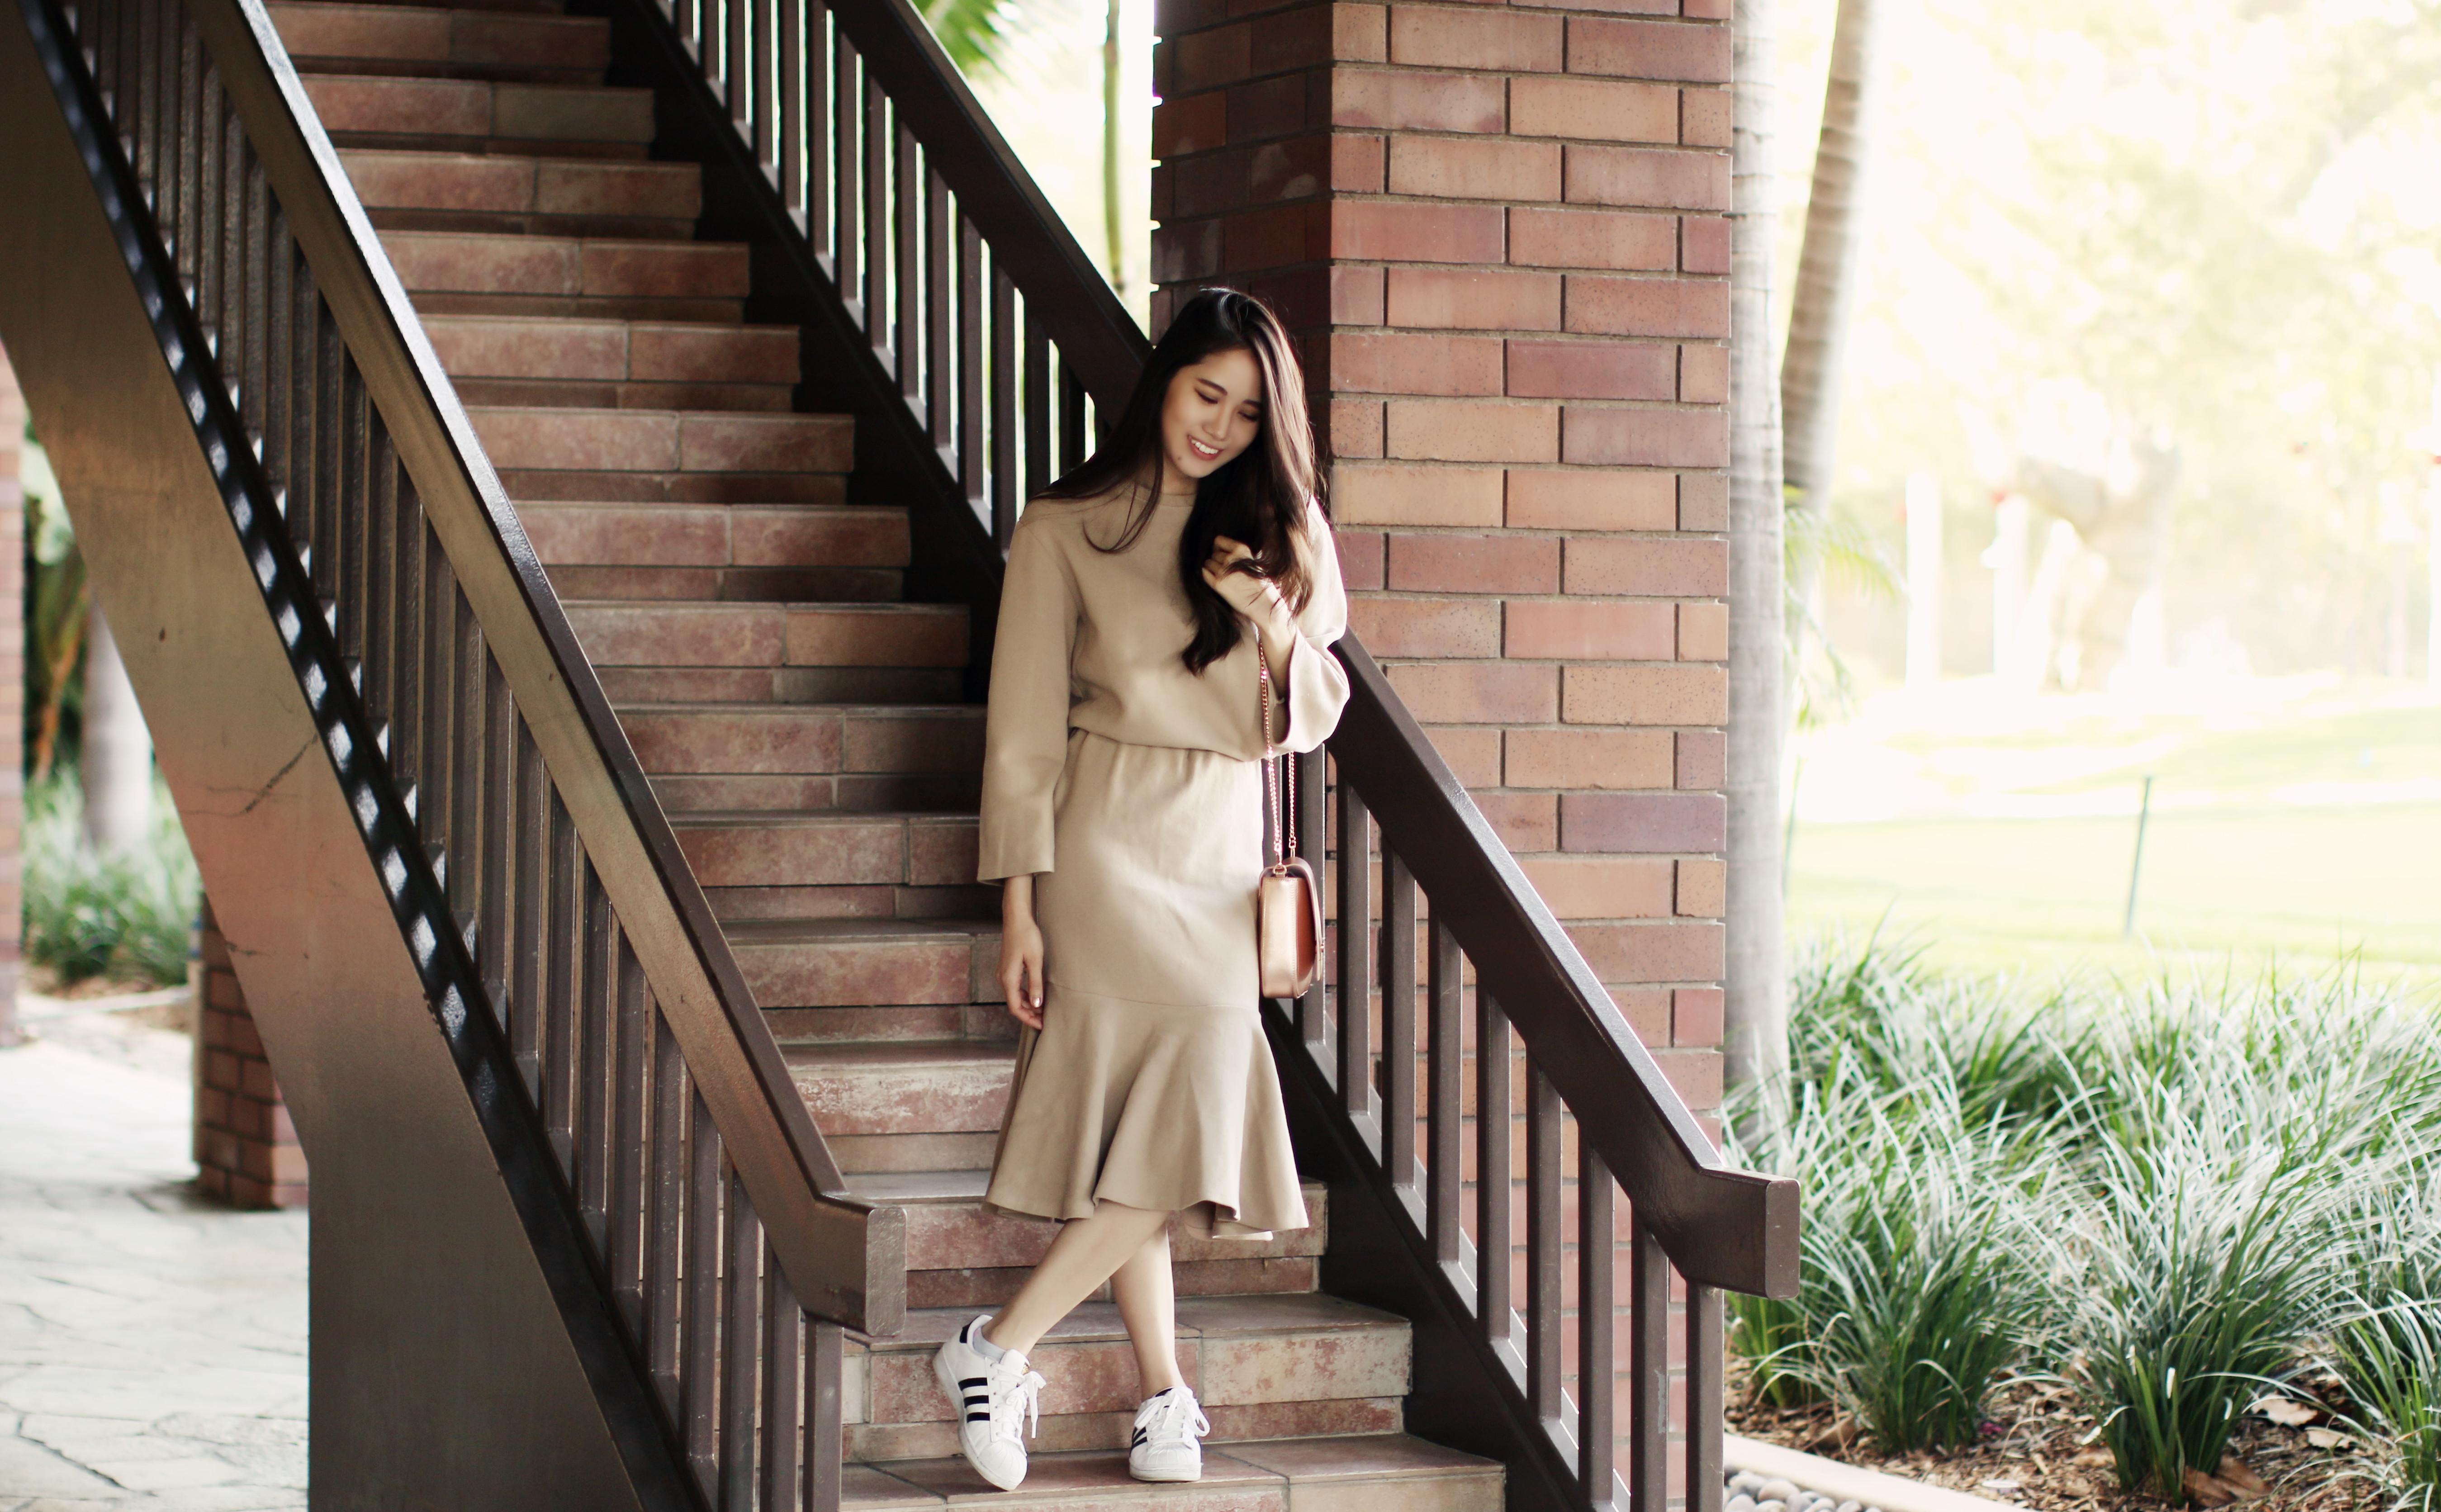 4592-ootd-fashion-style-outfitoftheday-wiwt-streetstyle-SSUMJ-SSUMJxME-adidas-tedbaker-koreanfashion-elizabeeetht-clothestoyouuu